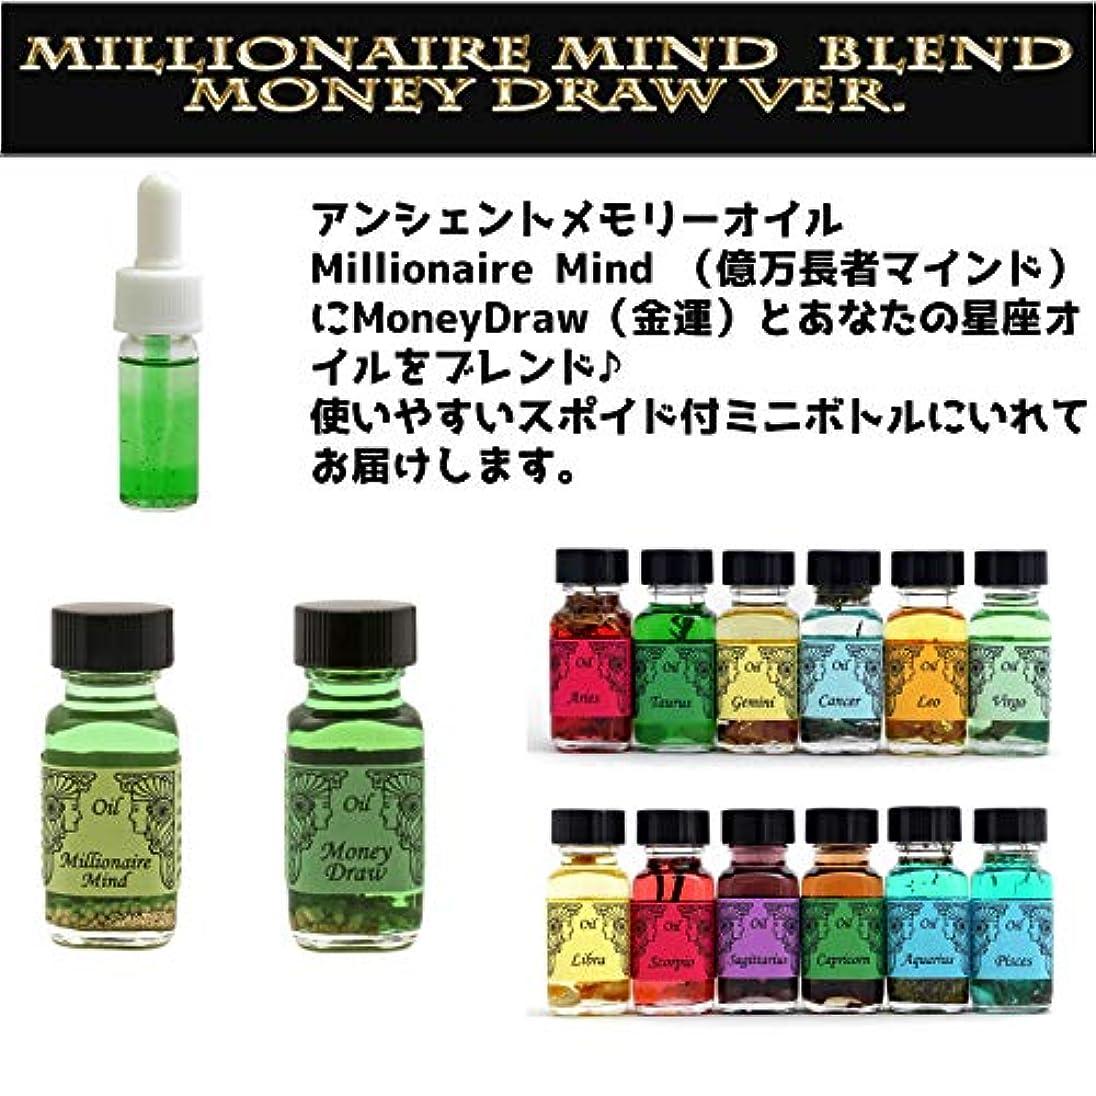 呼吸分離する才能のあるアンシェントメモリーオイル Millionaire Mind 億万長者マインド ブレンド(Money Drawマネードロー(金運)&おとめ座